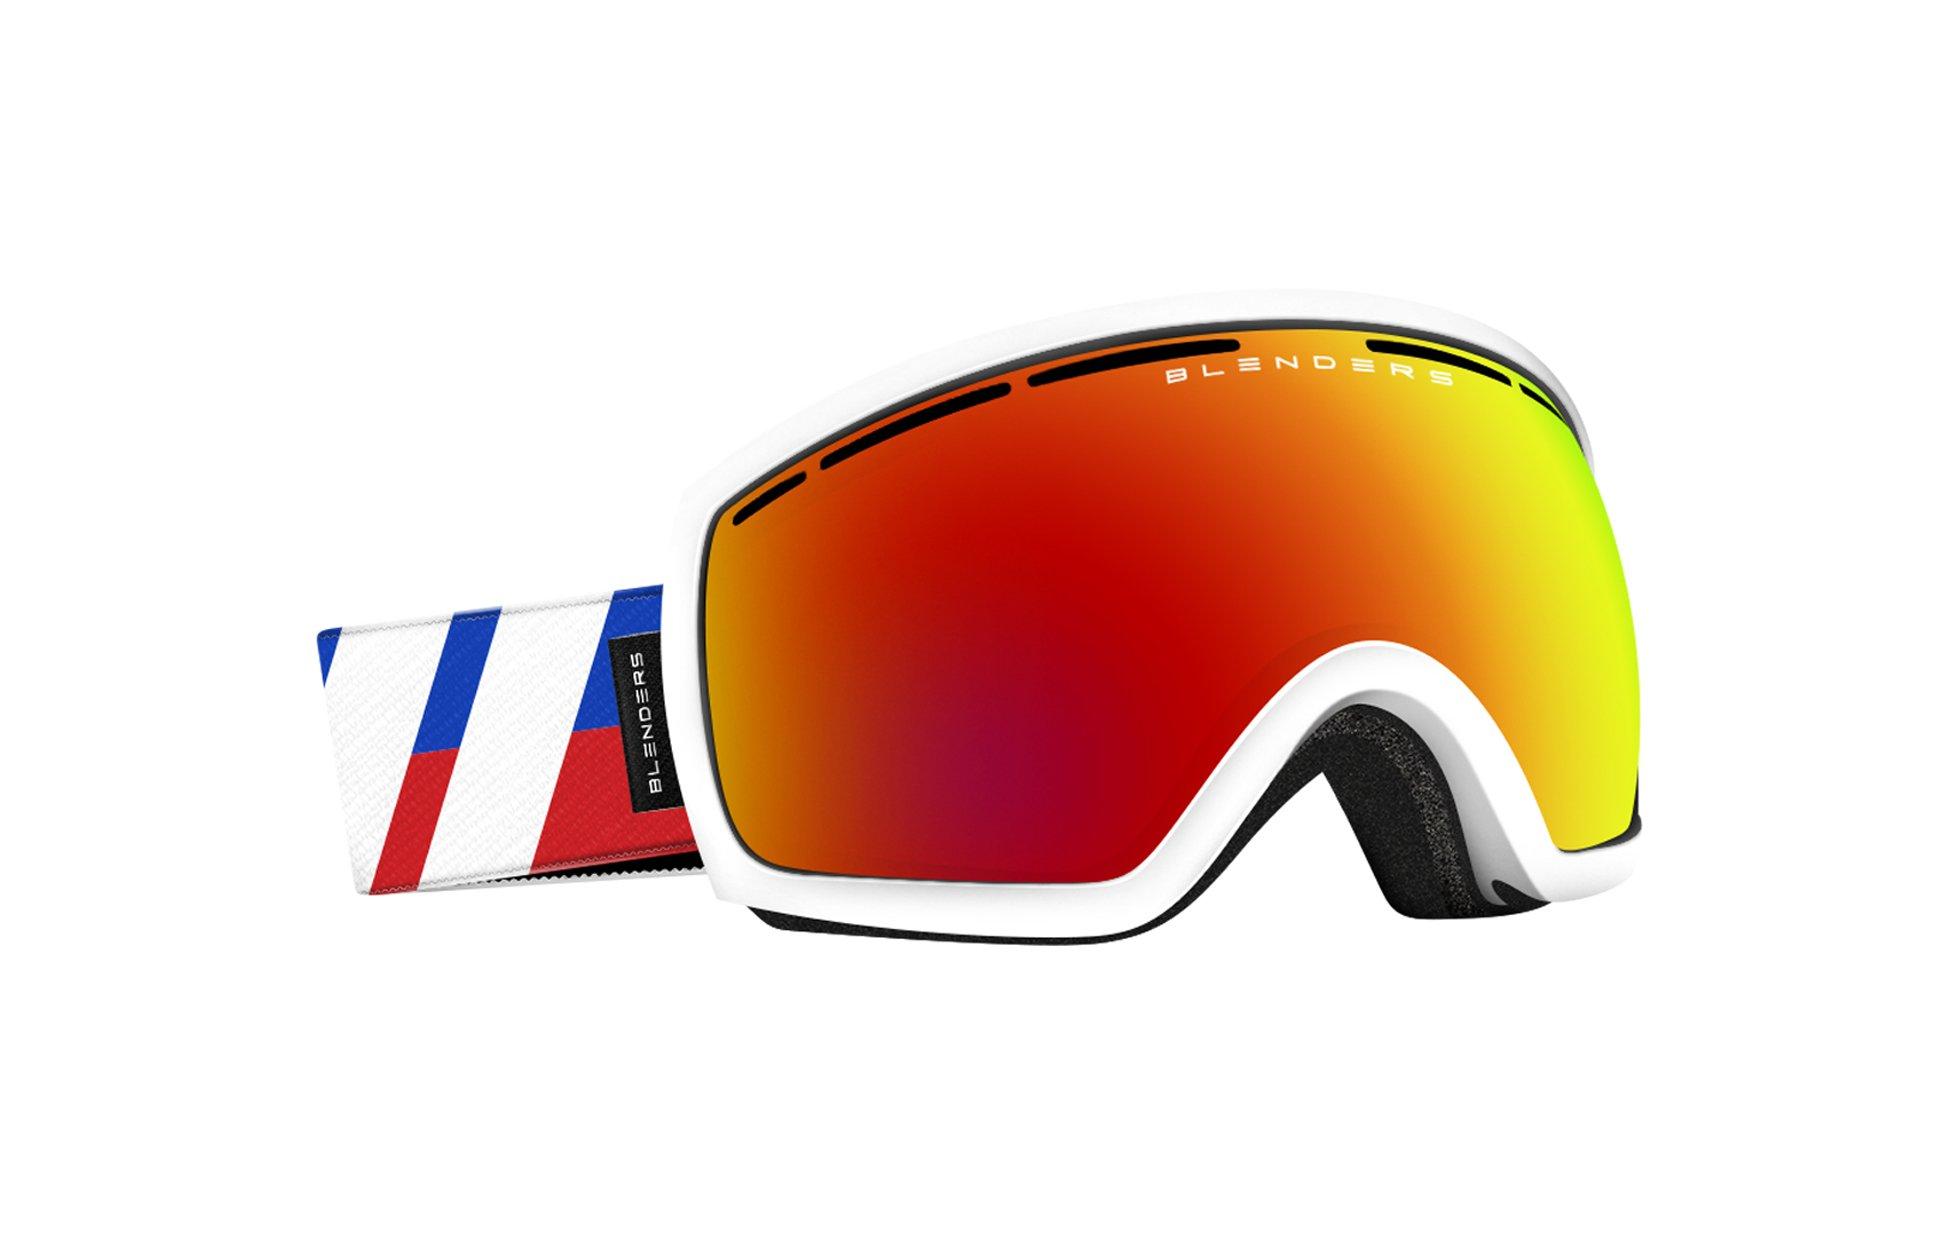 02598dcfac8 Blenders Snow - Blenders Eyewear